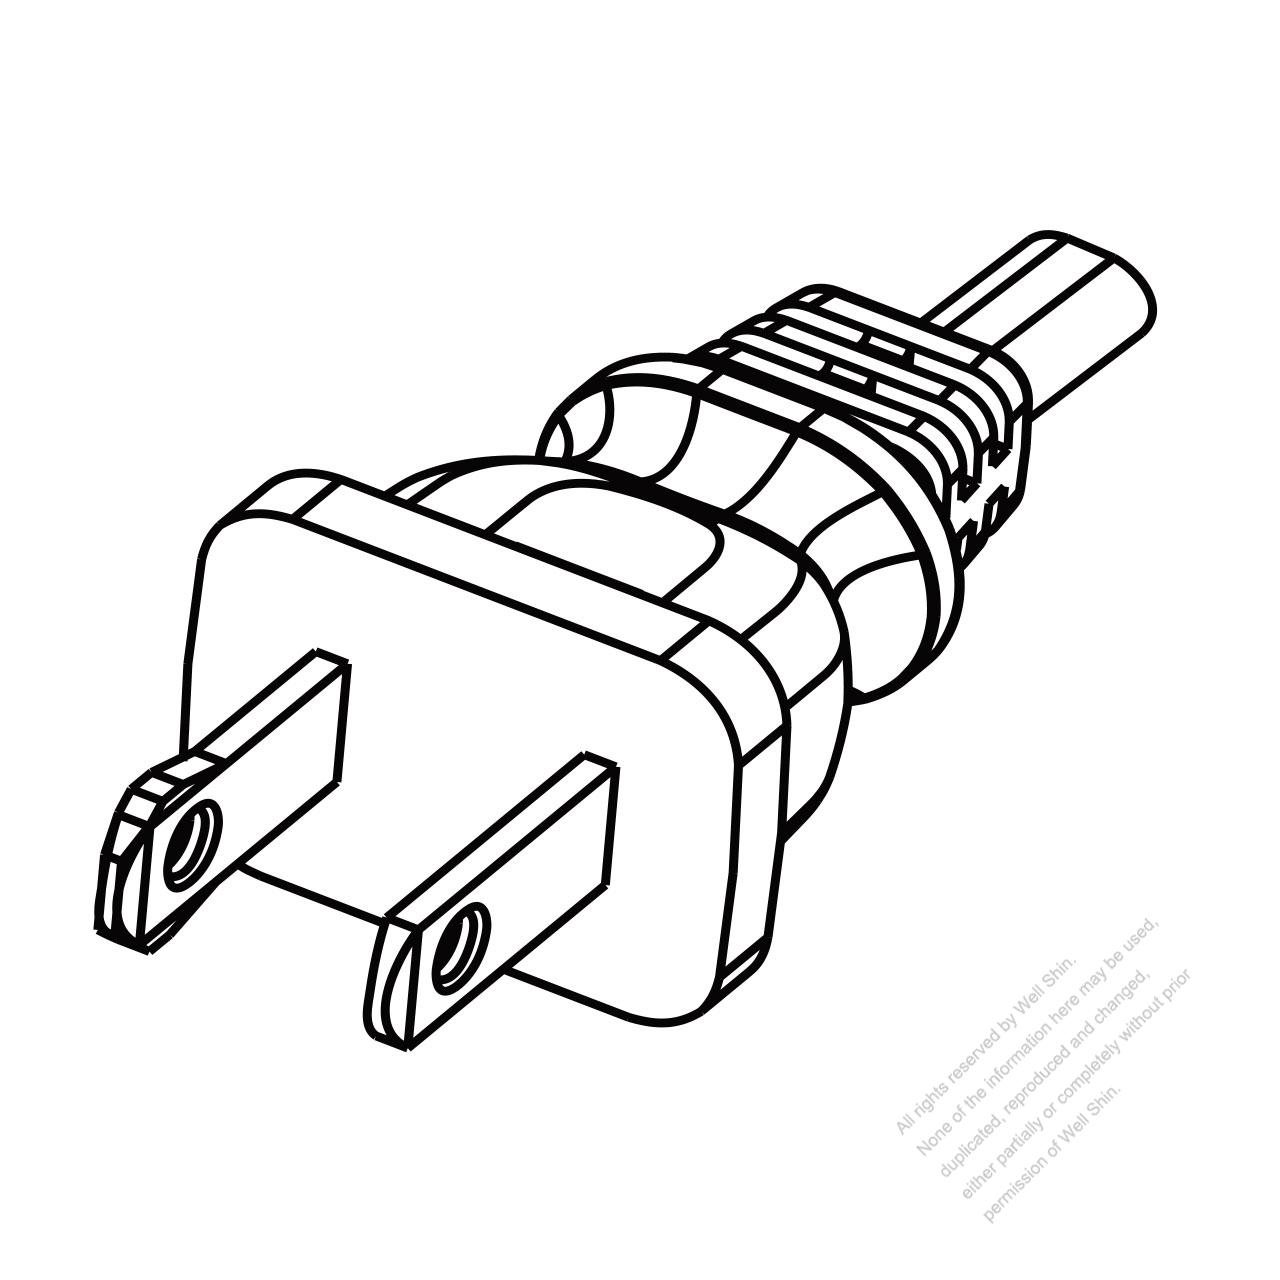 us canada 2 pin nema 1 15p polarized plug cable end remove outer AC Male Plug Receptacle us canada 2 pin nema 1 15p polarized plug cable end remove outer